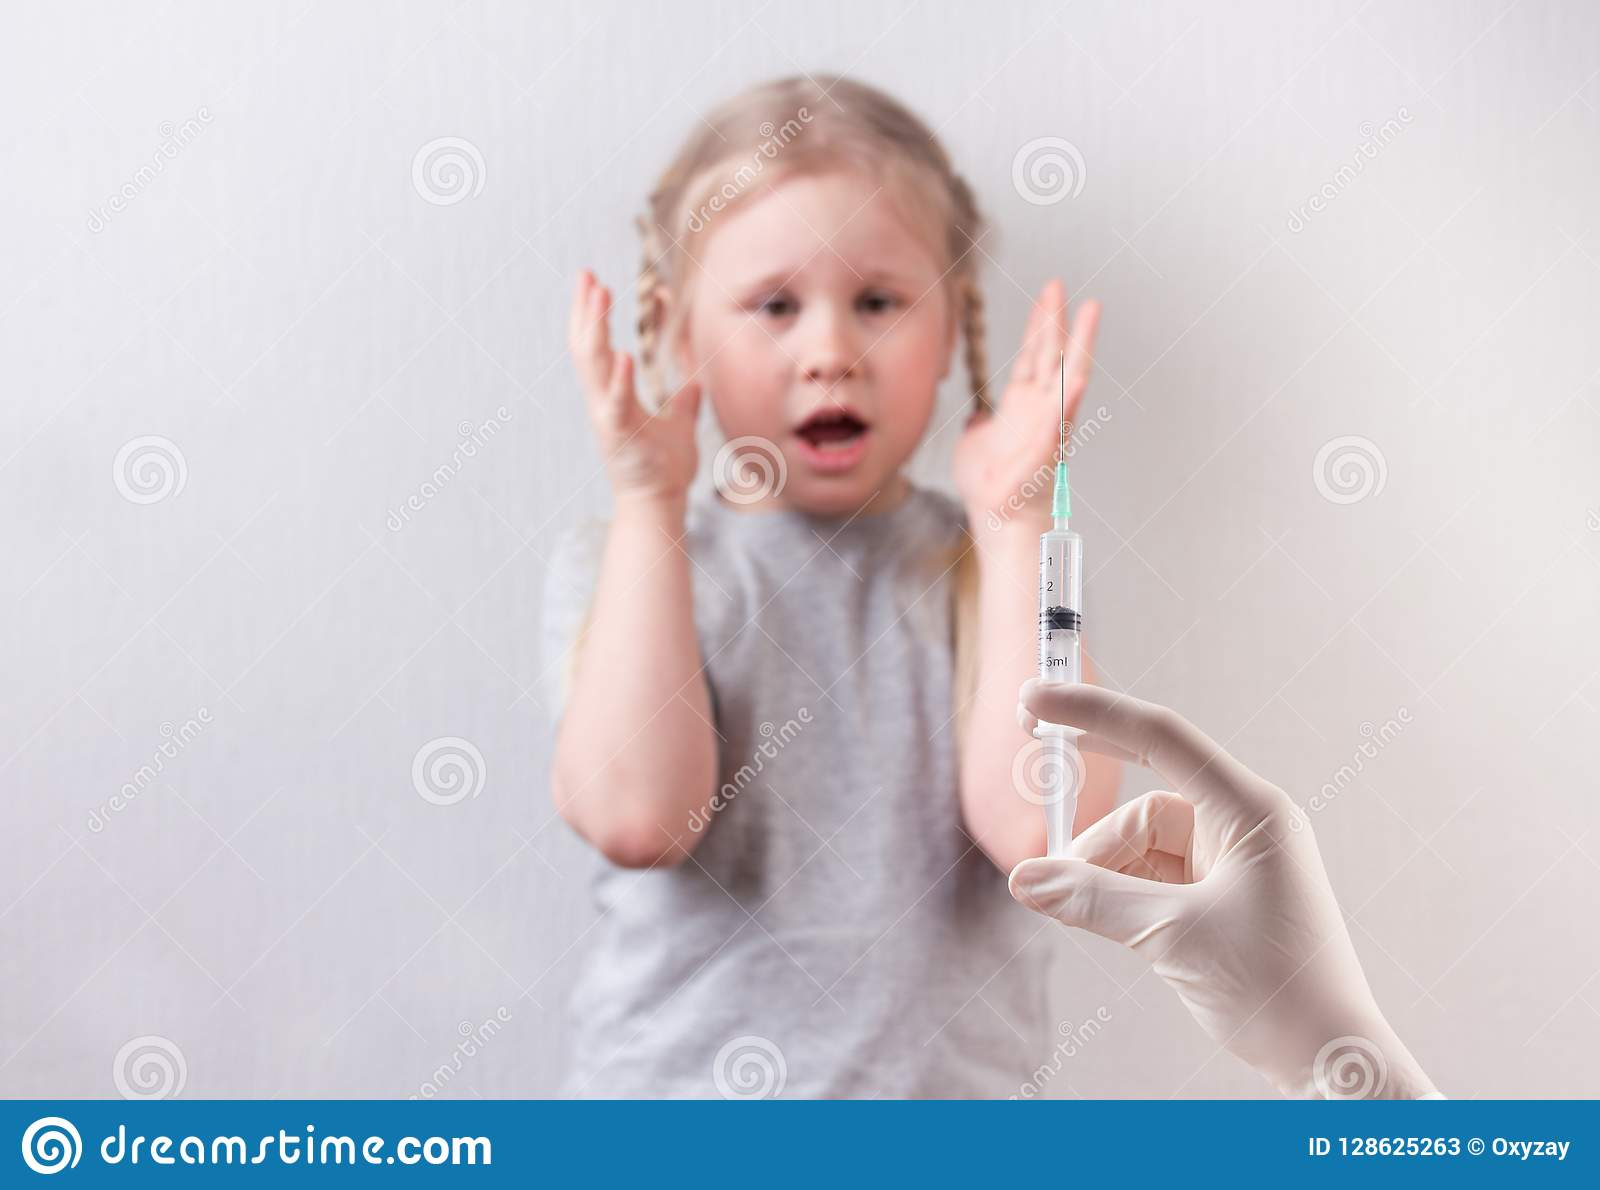 Mały śliczny dziewczyny bać się zastrzyk Szczepienie dzieci